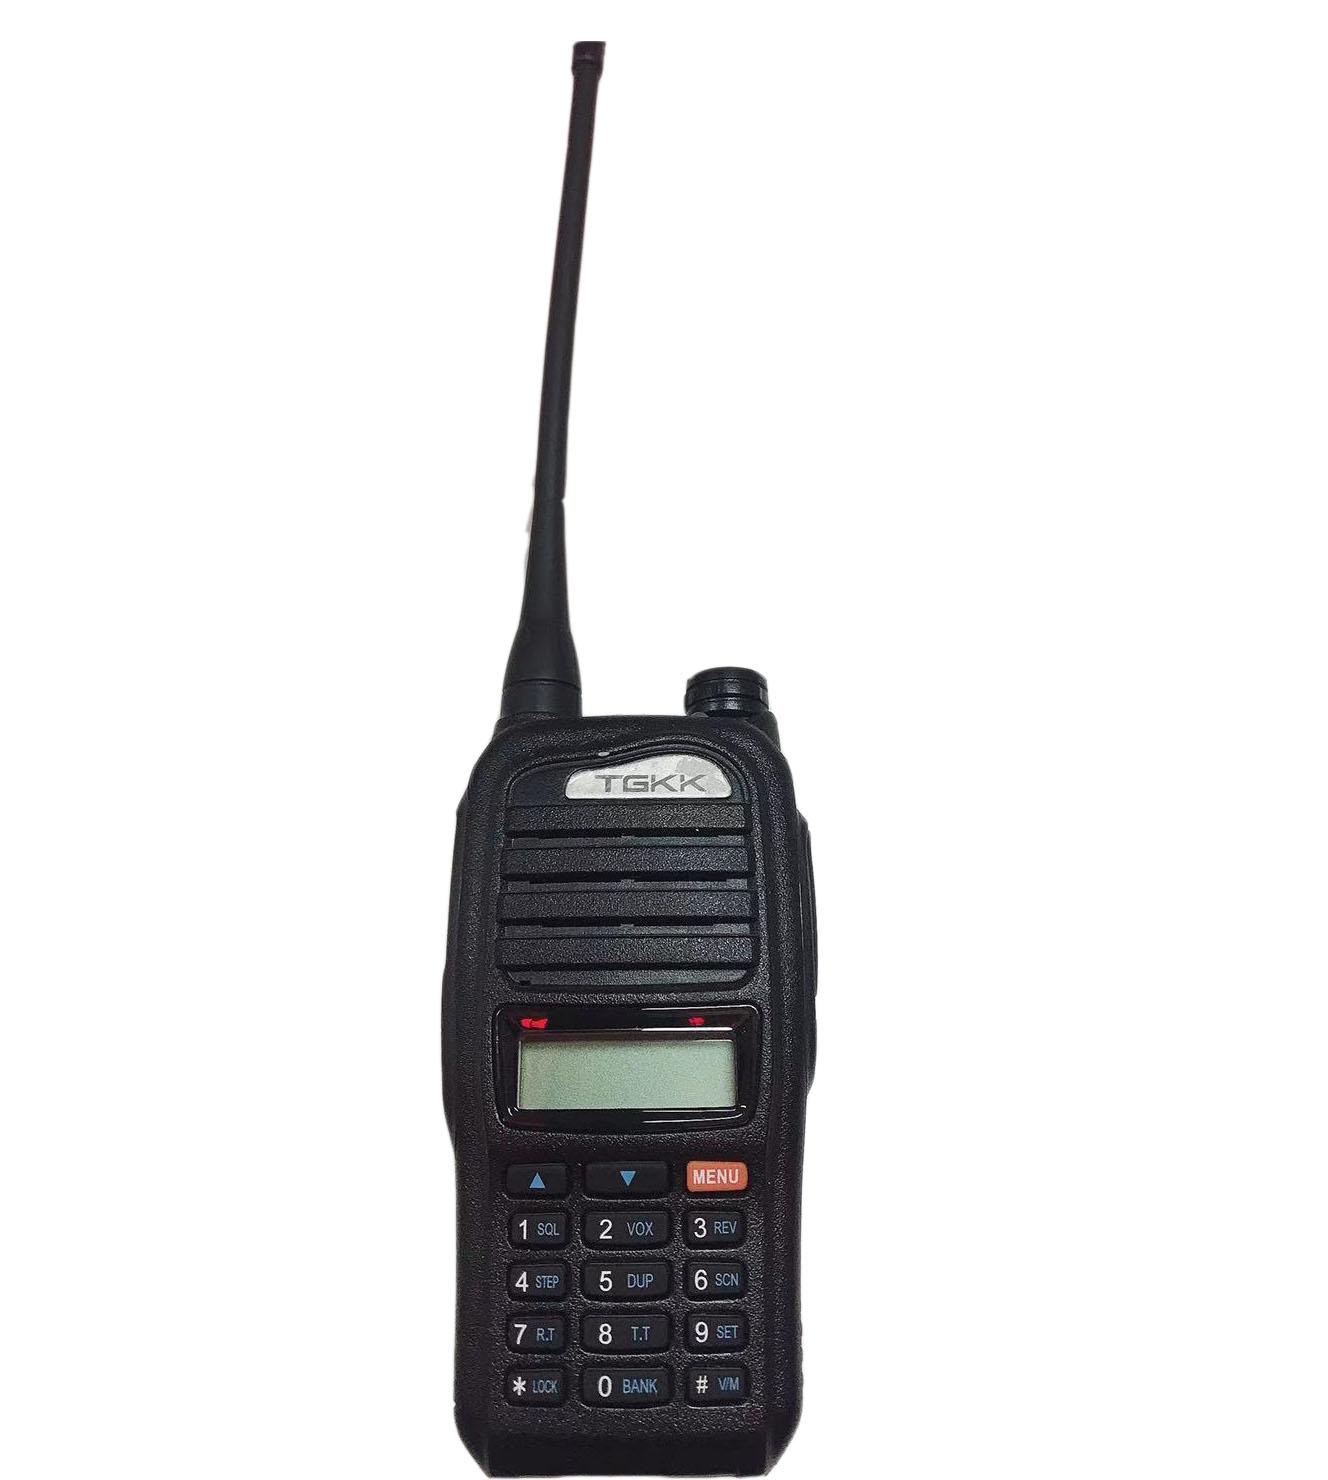 特锐特对讲机 TGKK-8A模拟对讲机3200毫安待机178个小时 距离5公里驴友专用